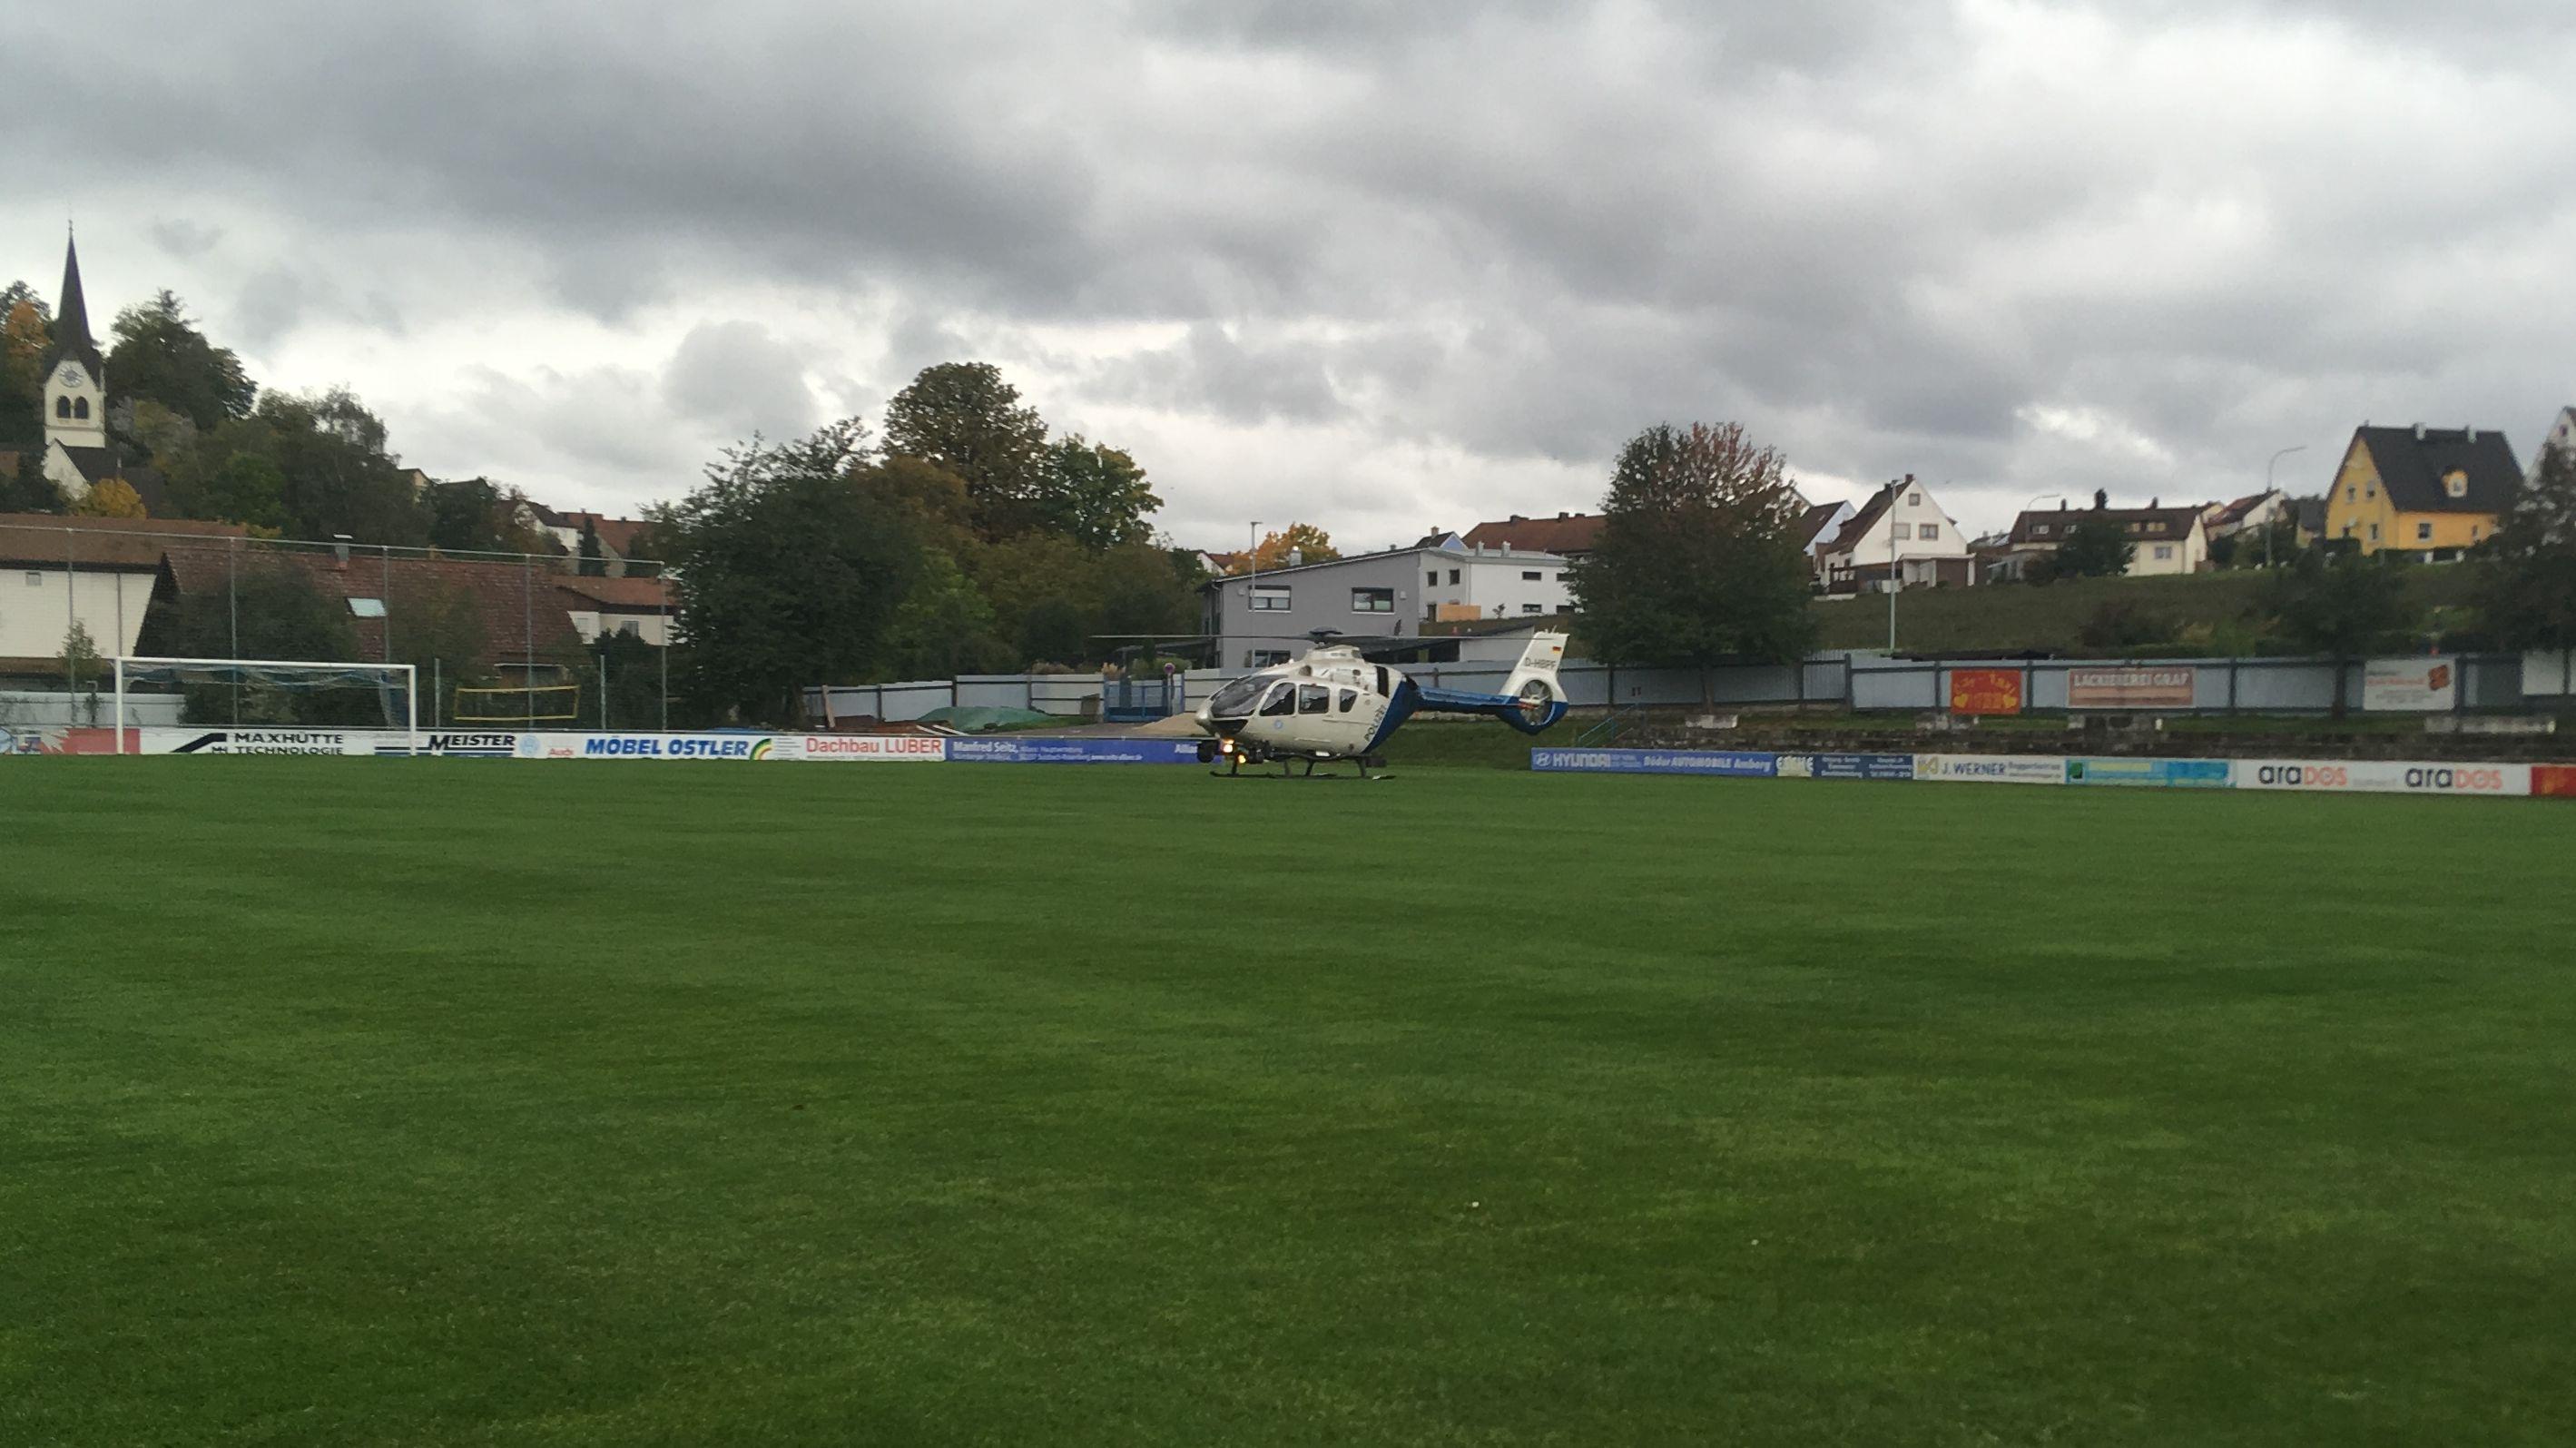 Ein Hubschrauber der Polizei steht auf einem Sportplatz